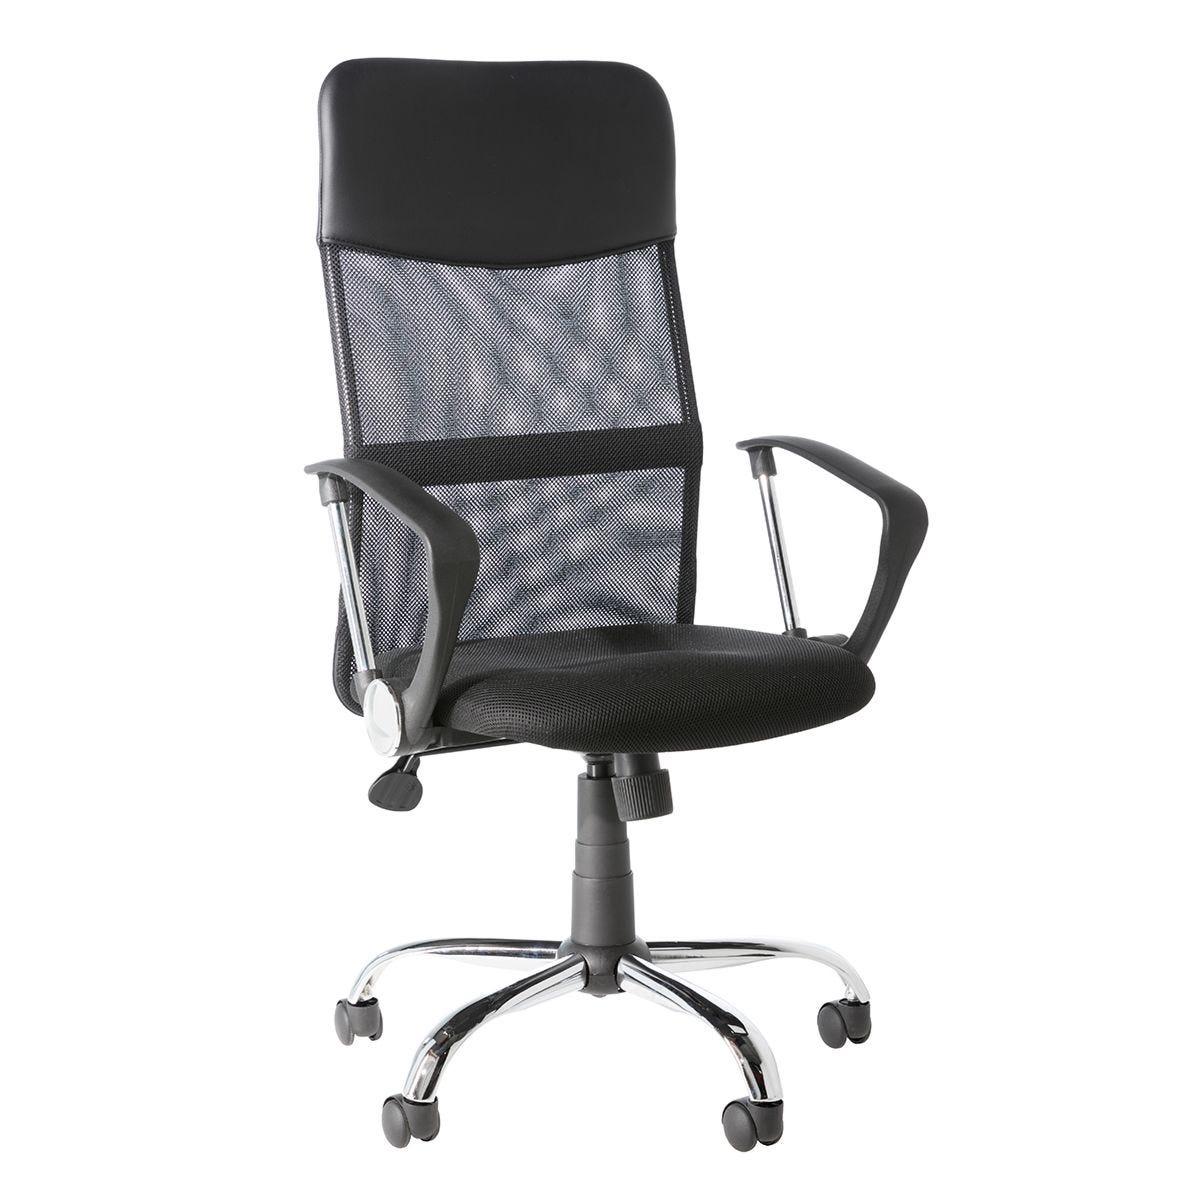 Alphason Orlando Tilting Operator Chair - Black